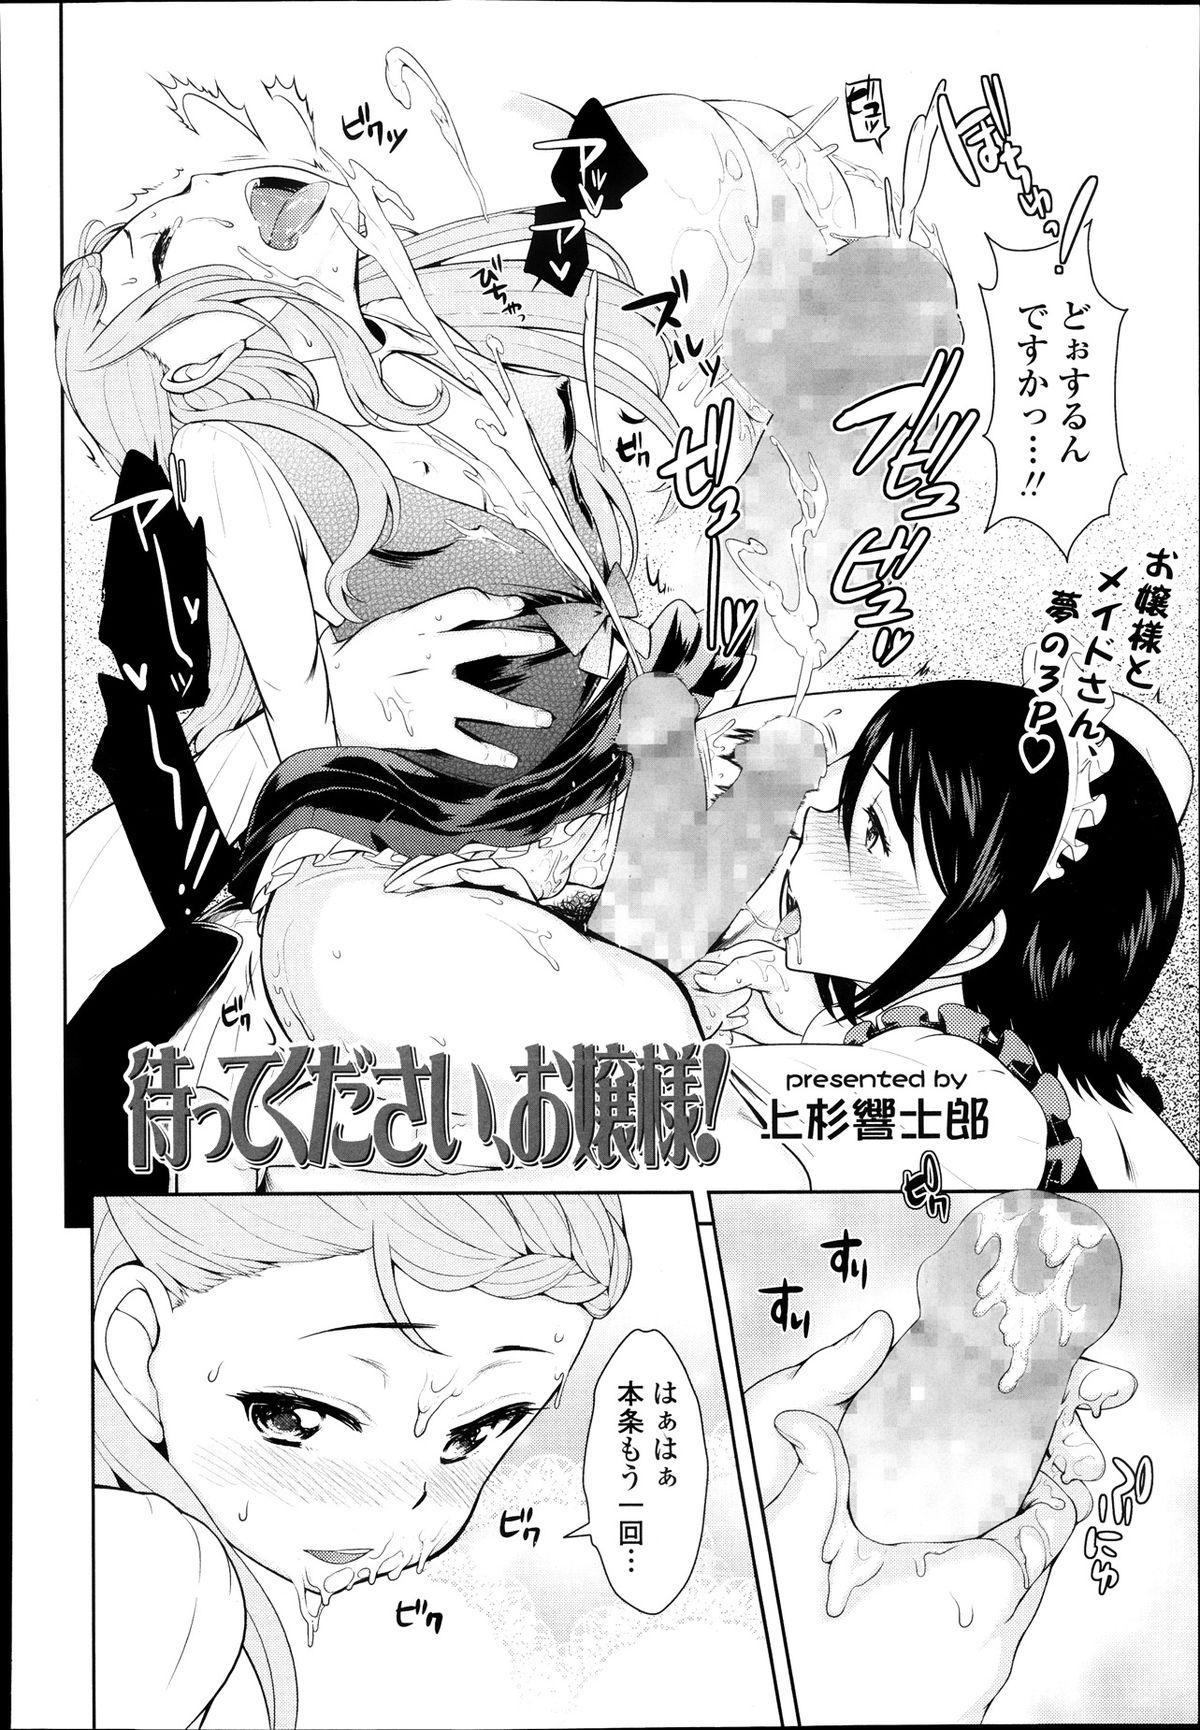 [Uesugi Kyoushirou] Matte Kudasai Ojou-sama   Yappari Suki desu, Ojou-sama 1